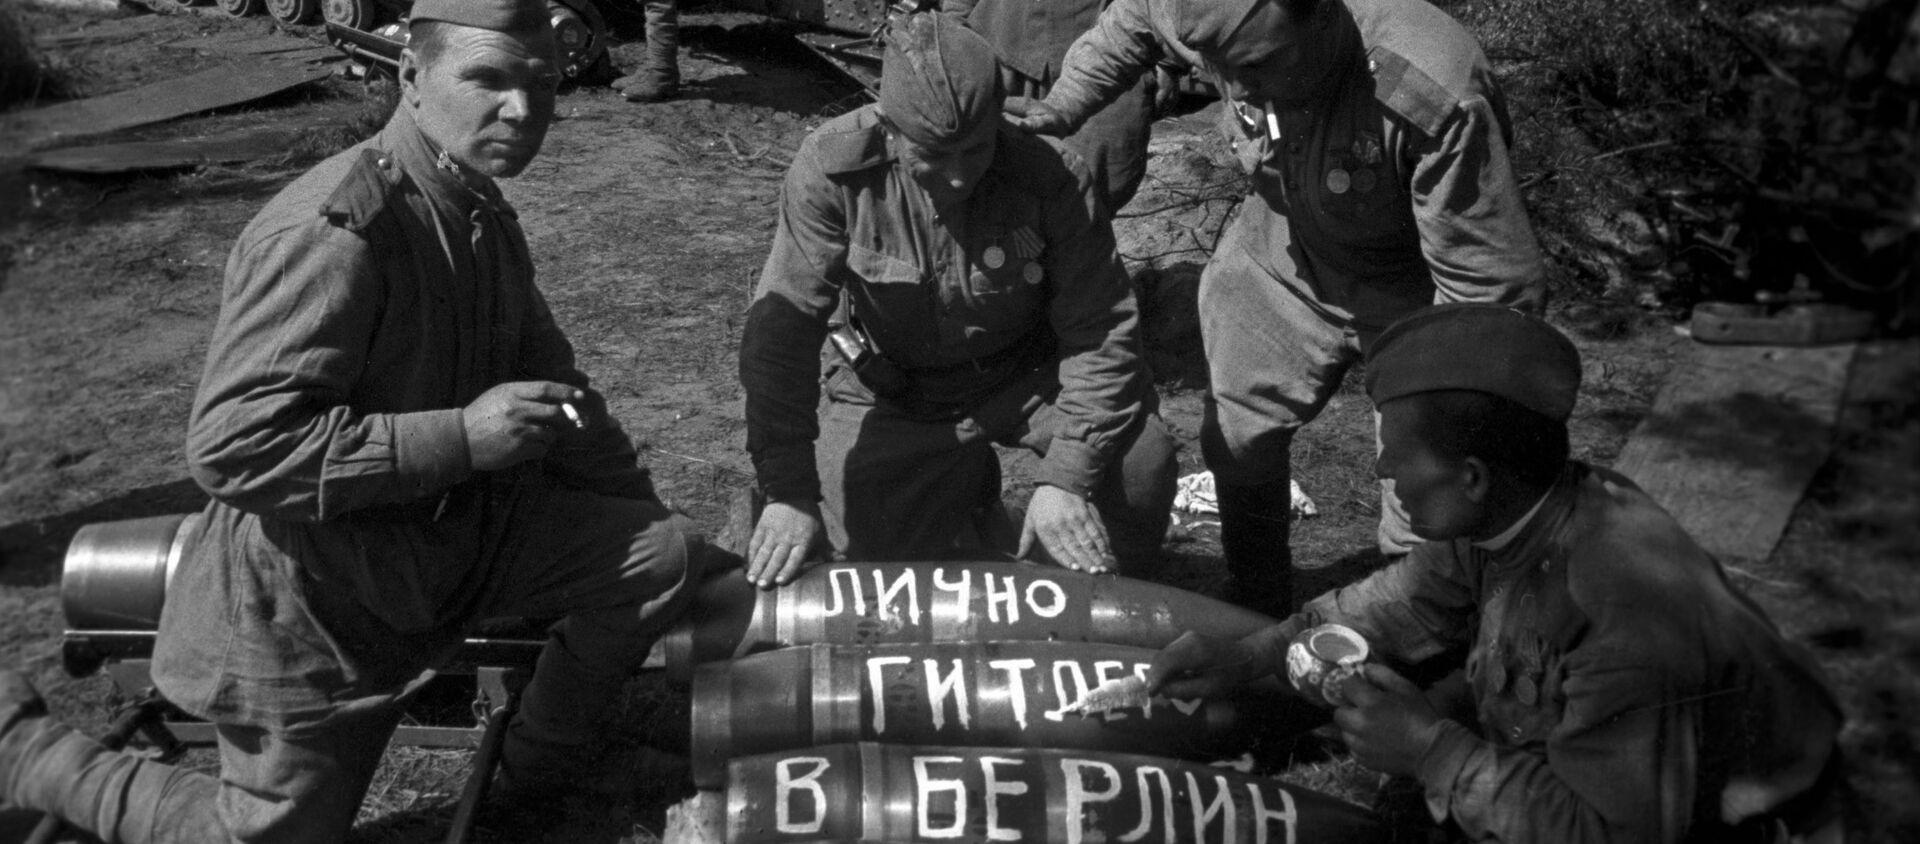 Các tay súng Liên Xô chuẩn bị cho cuộc tấn công vào Berlin, năm 1945 - Sputnik Việt Nam, 1920, 11.05.2020